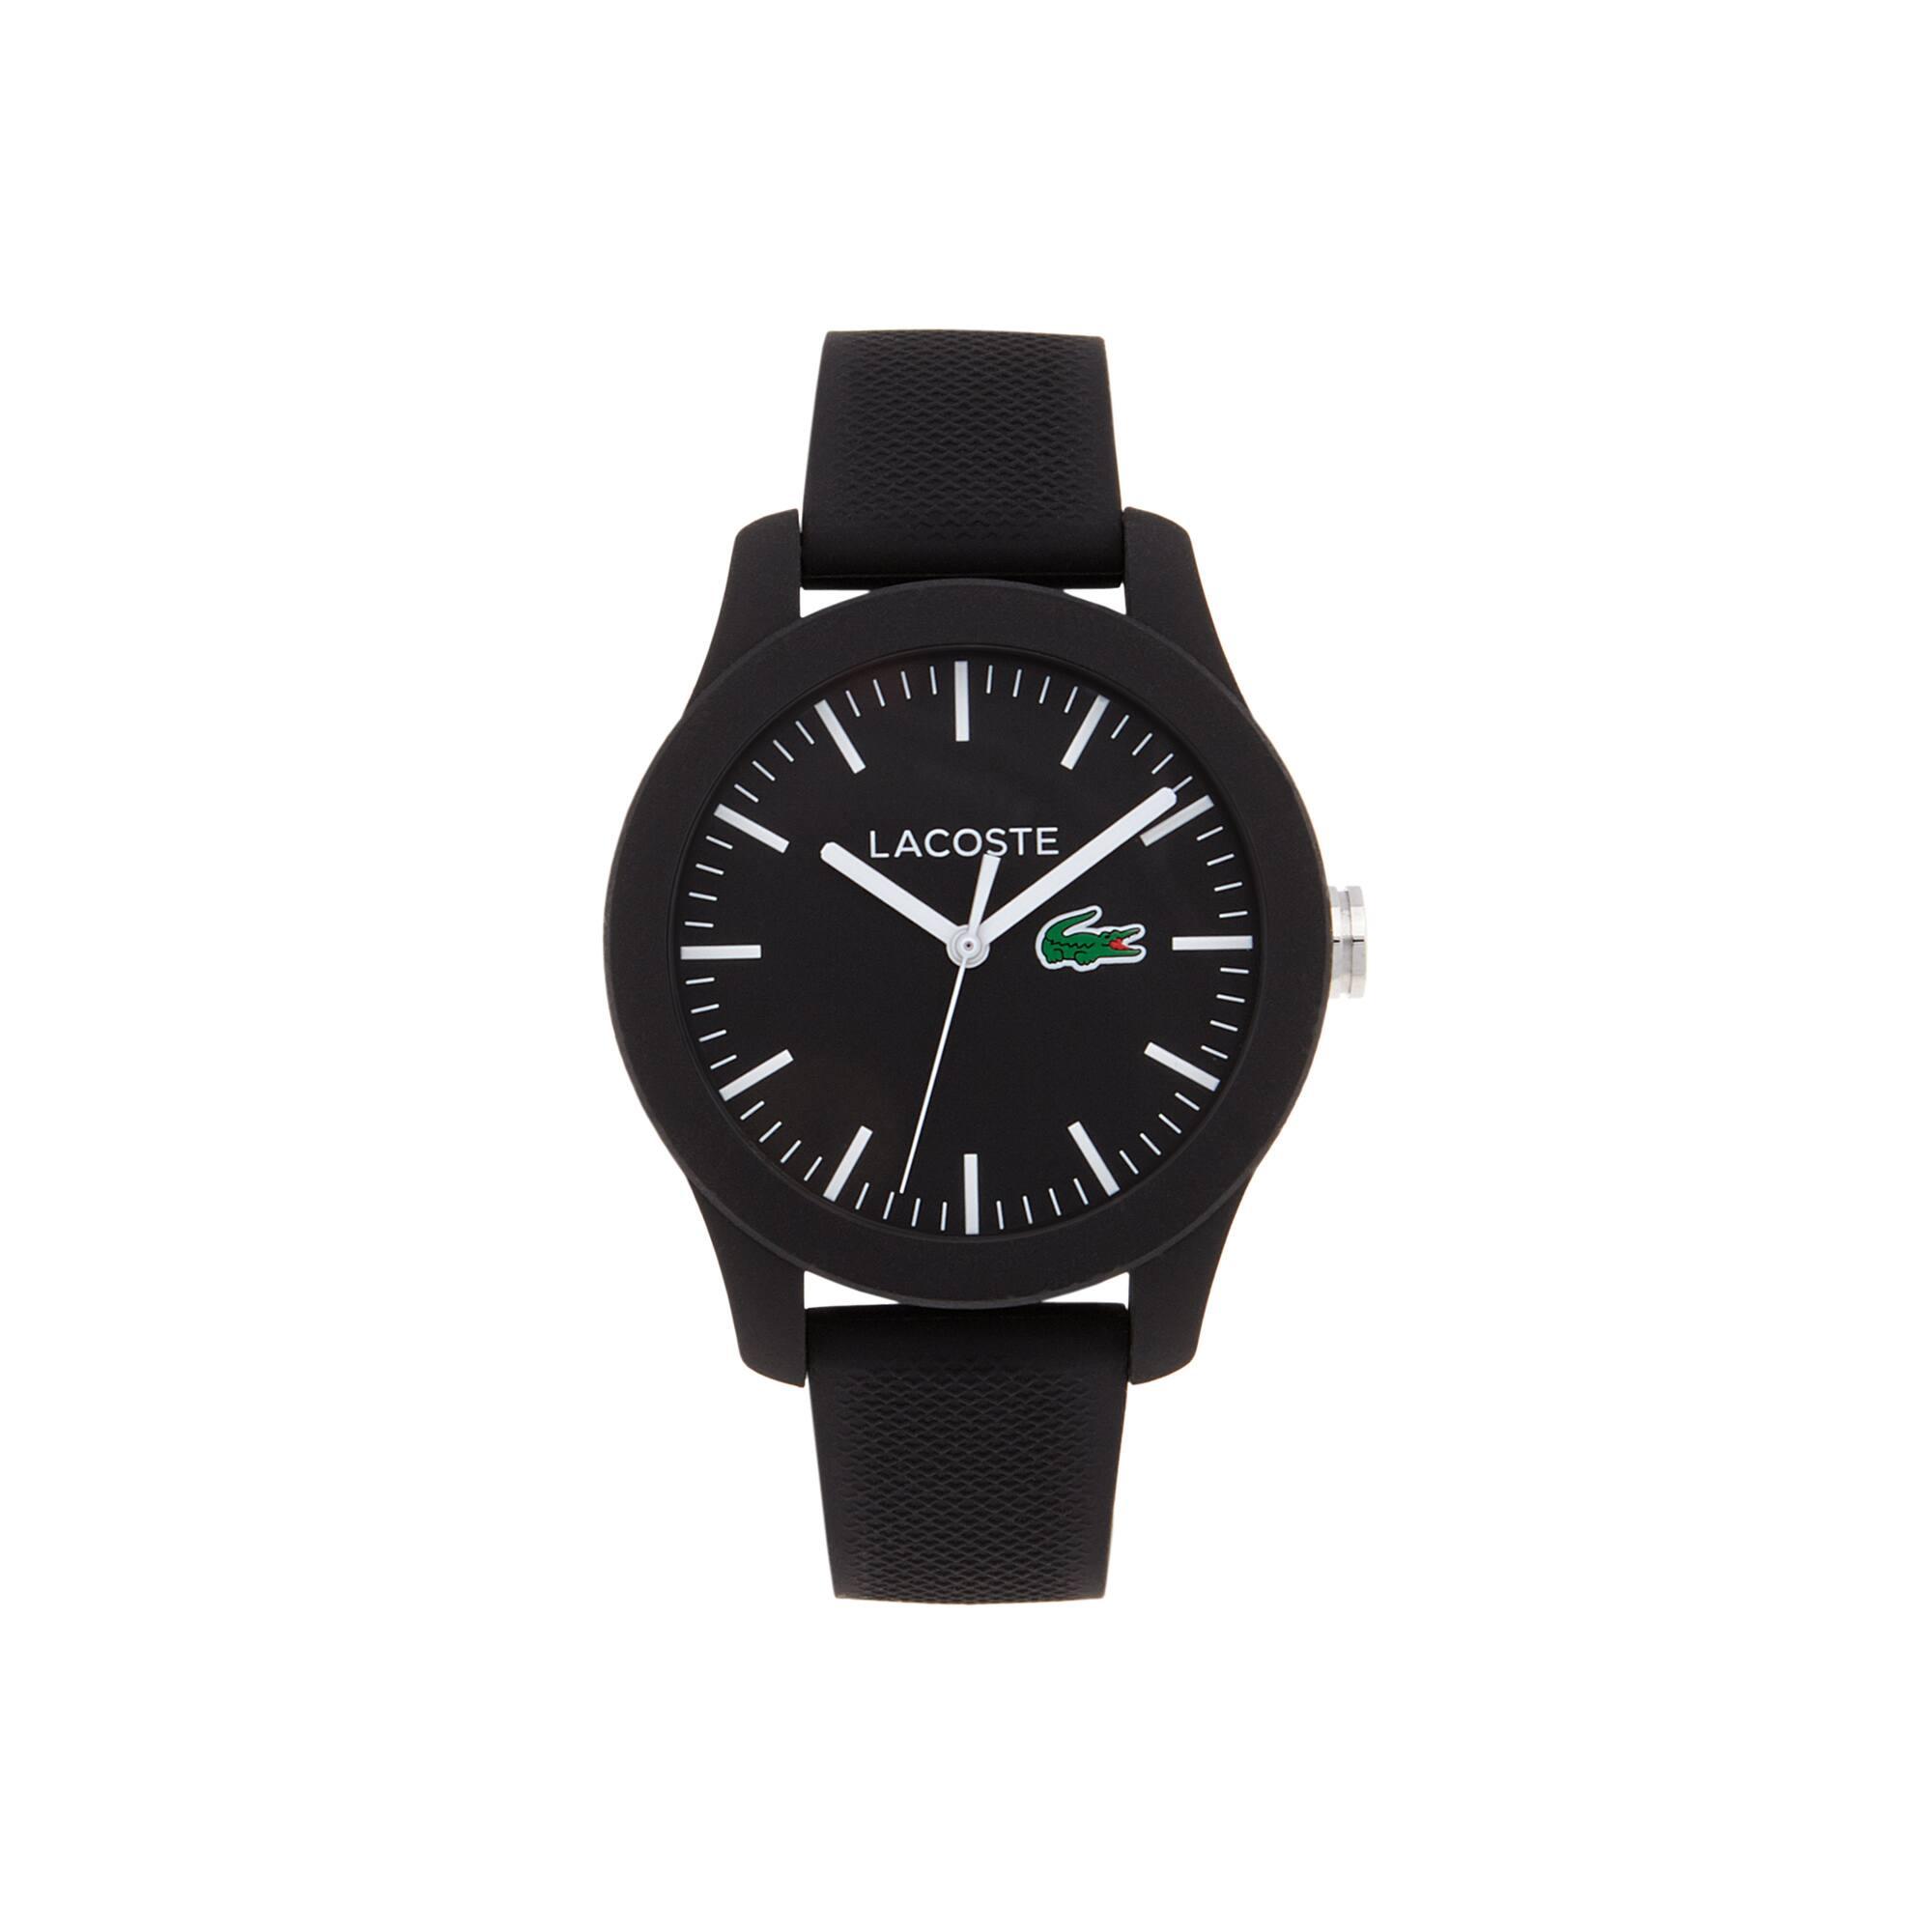 Relógio Lacoste 12.12 Senhora com Bracelete em Silicone Preto